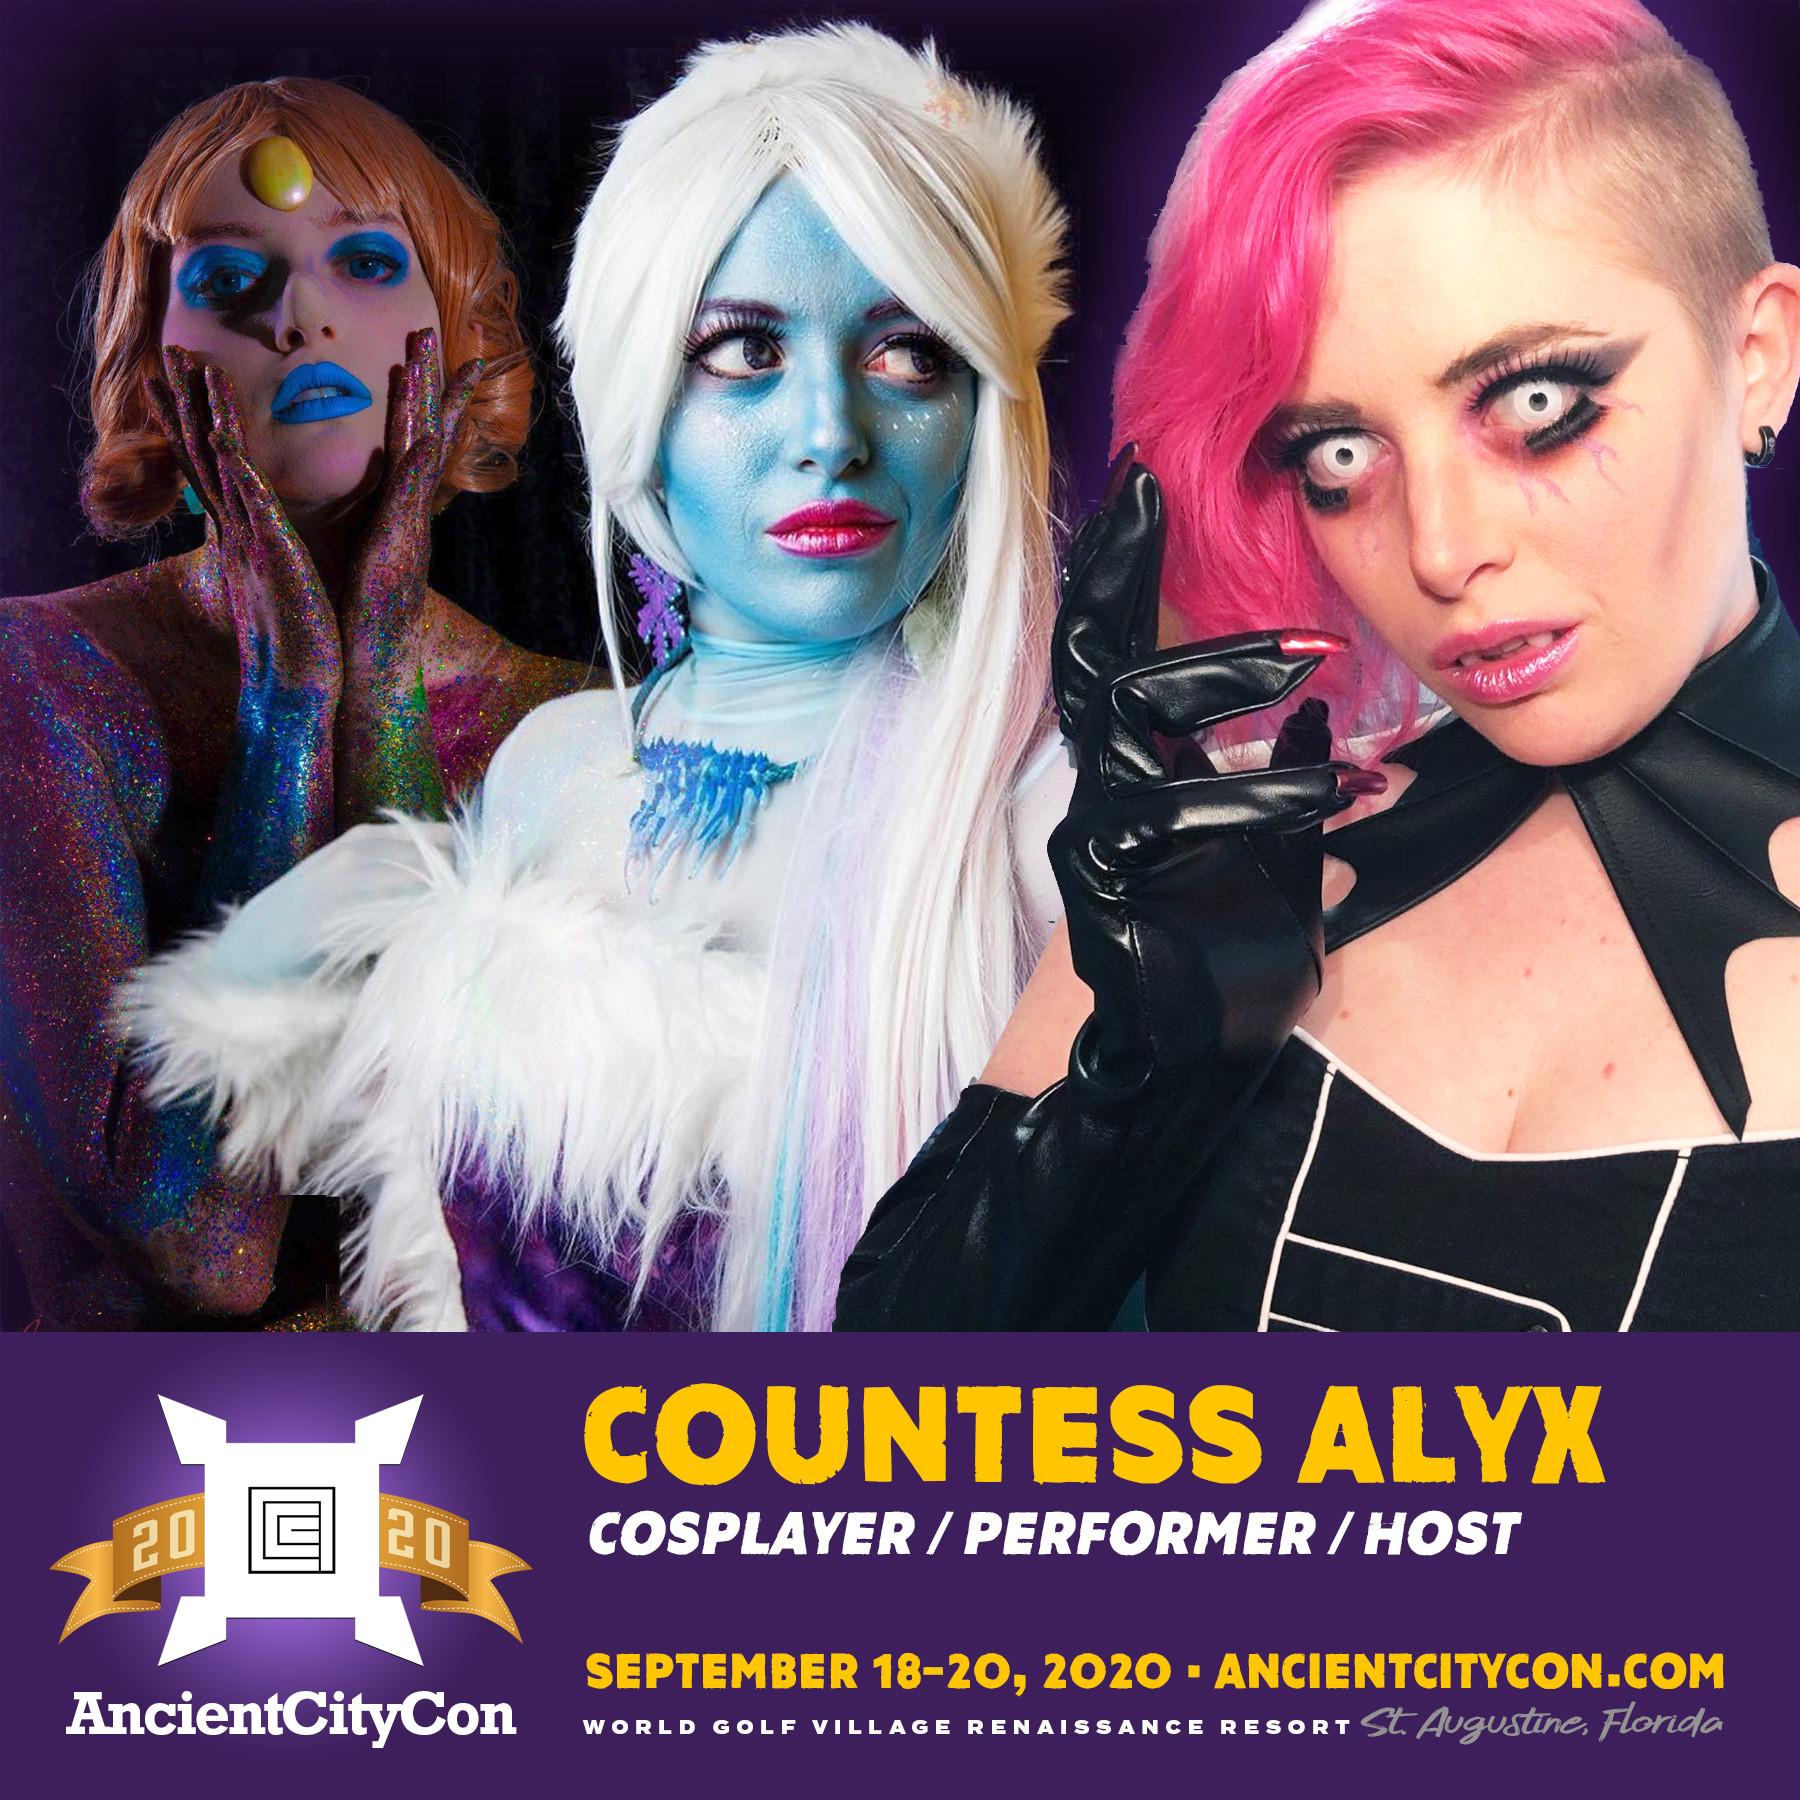 Countess Alyx